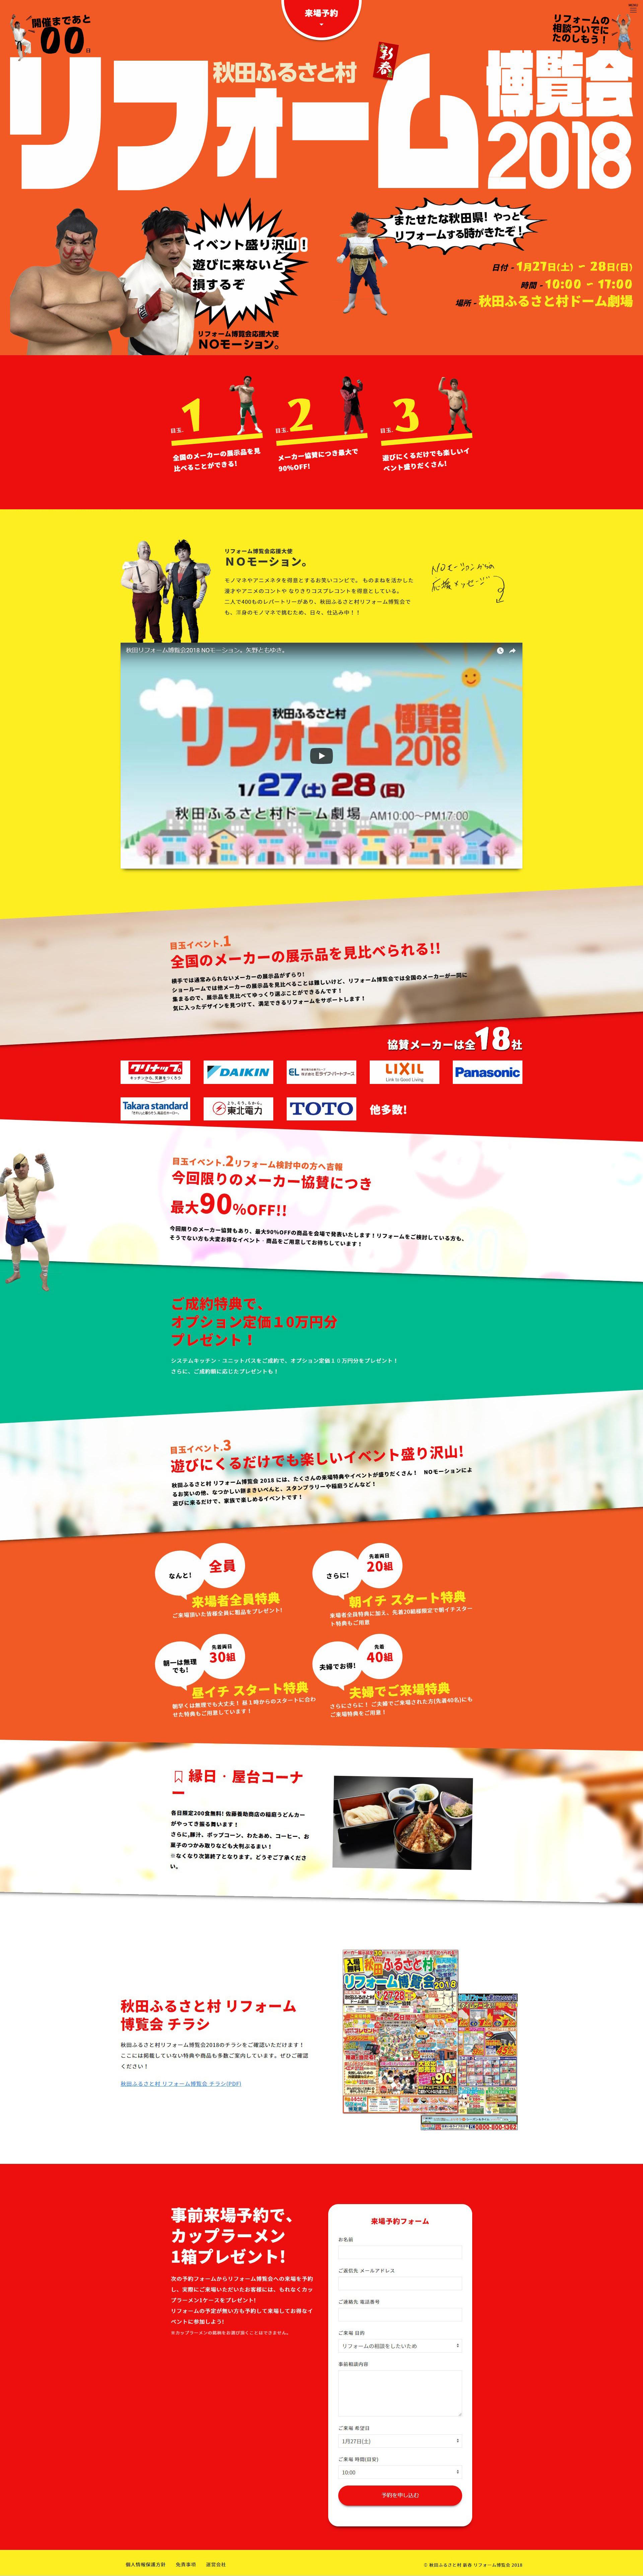 秋田ふるさと村リフォーム博覧会2018PCのイメージ